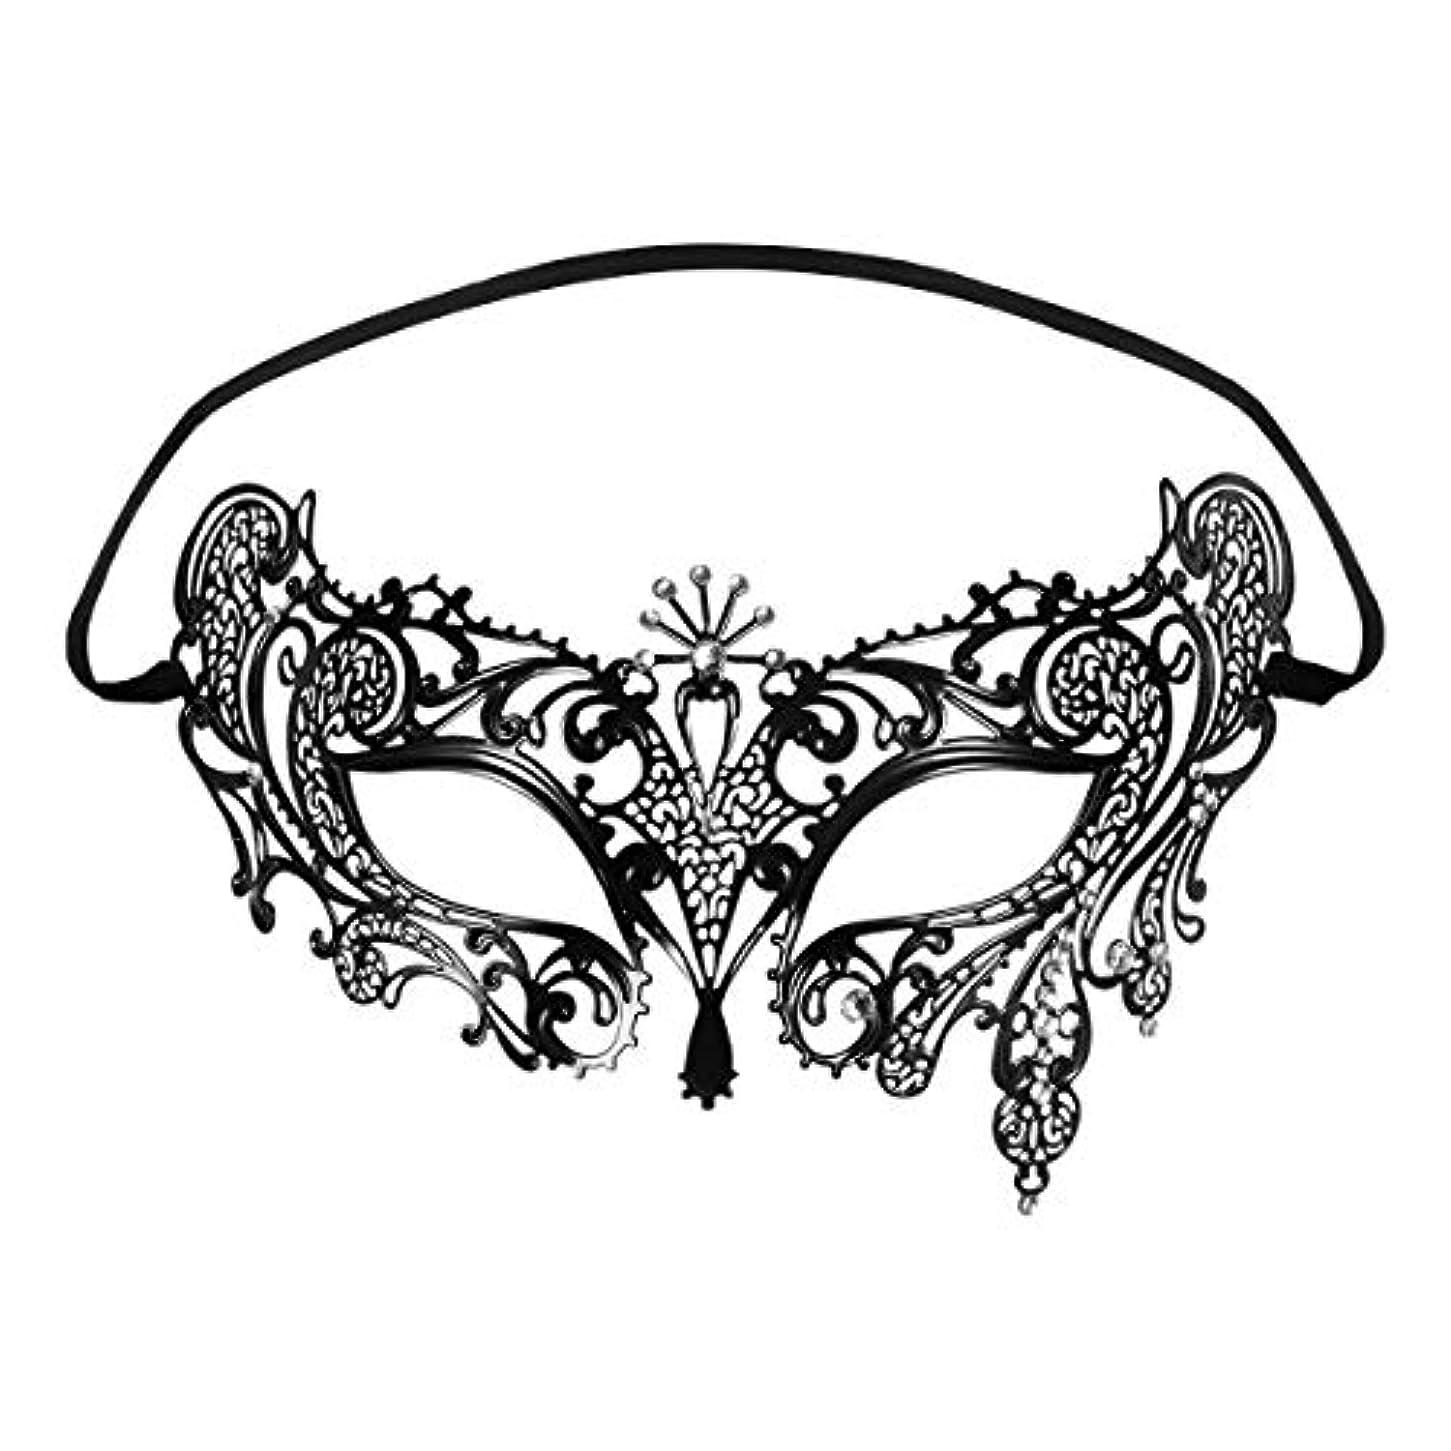 肌寒いどこでも魂Foxnovo Foxnovoファッション高級ベネチアンスタイルディアマンテメタルフィリグリー仮装用マスク結婚式/パーティー用(ブラック)